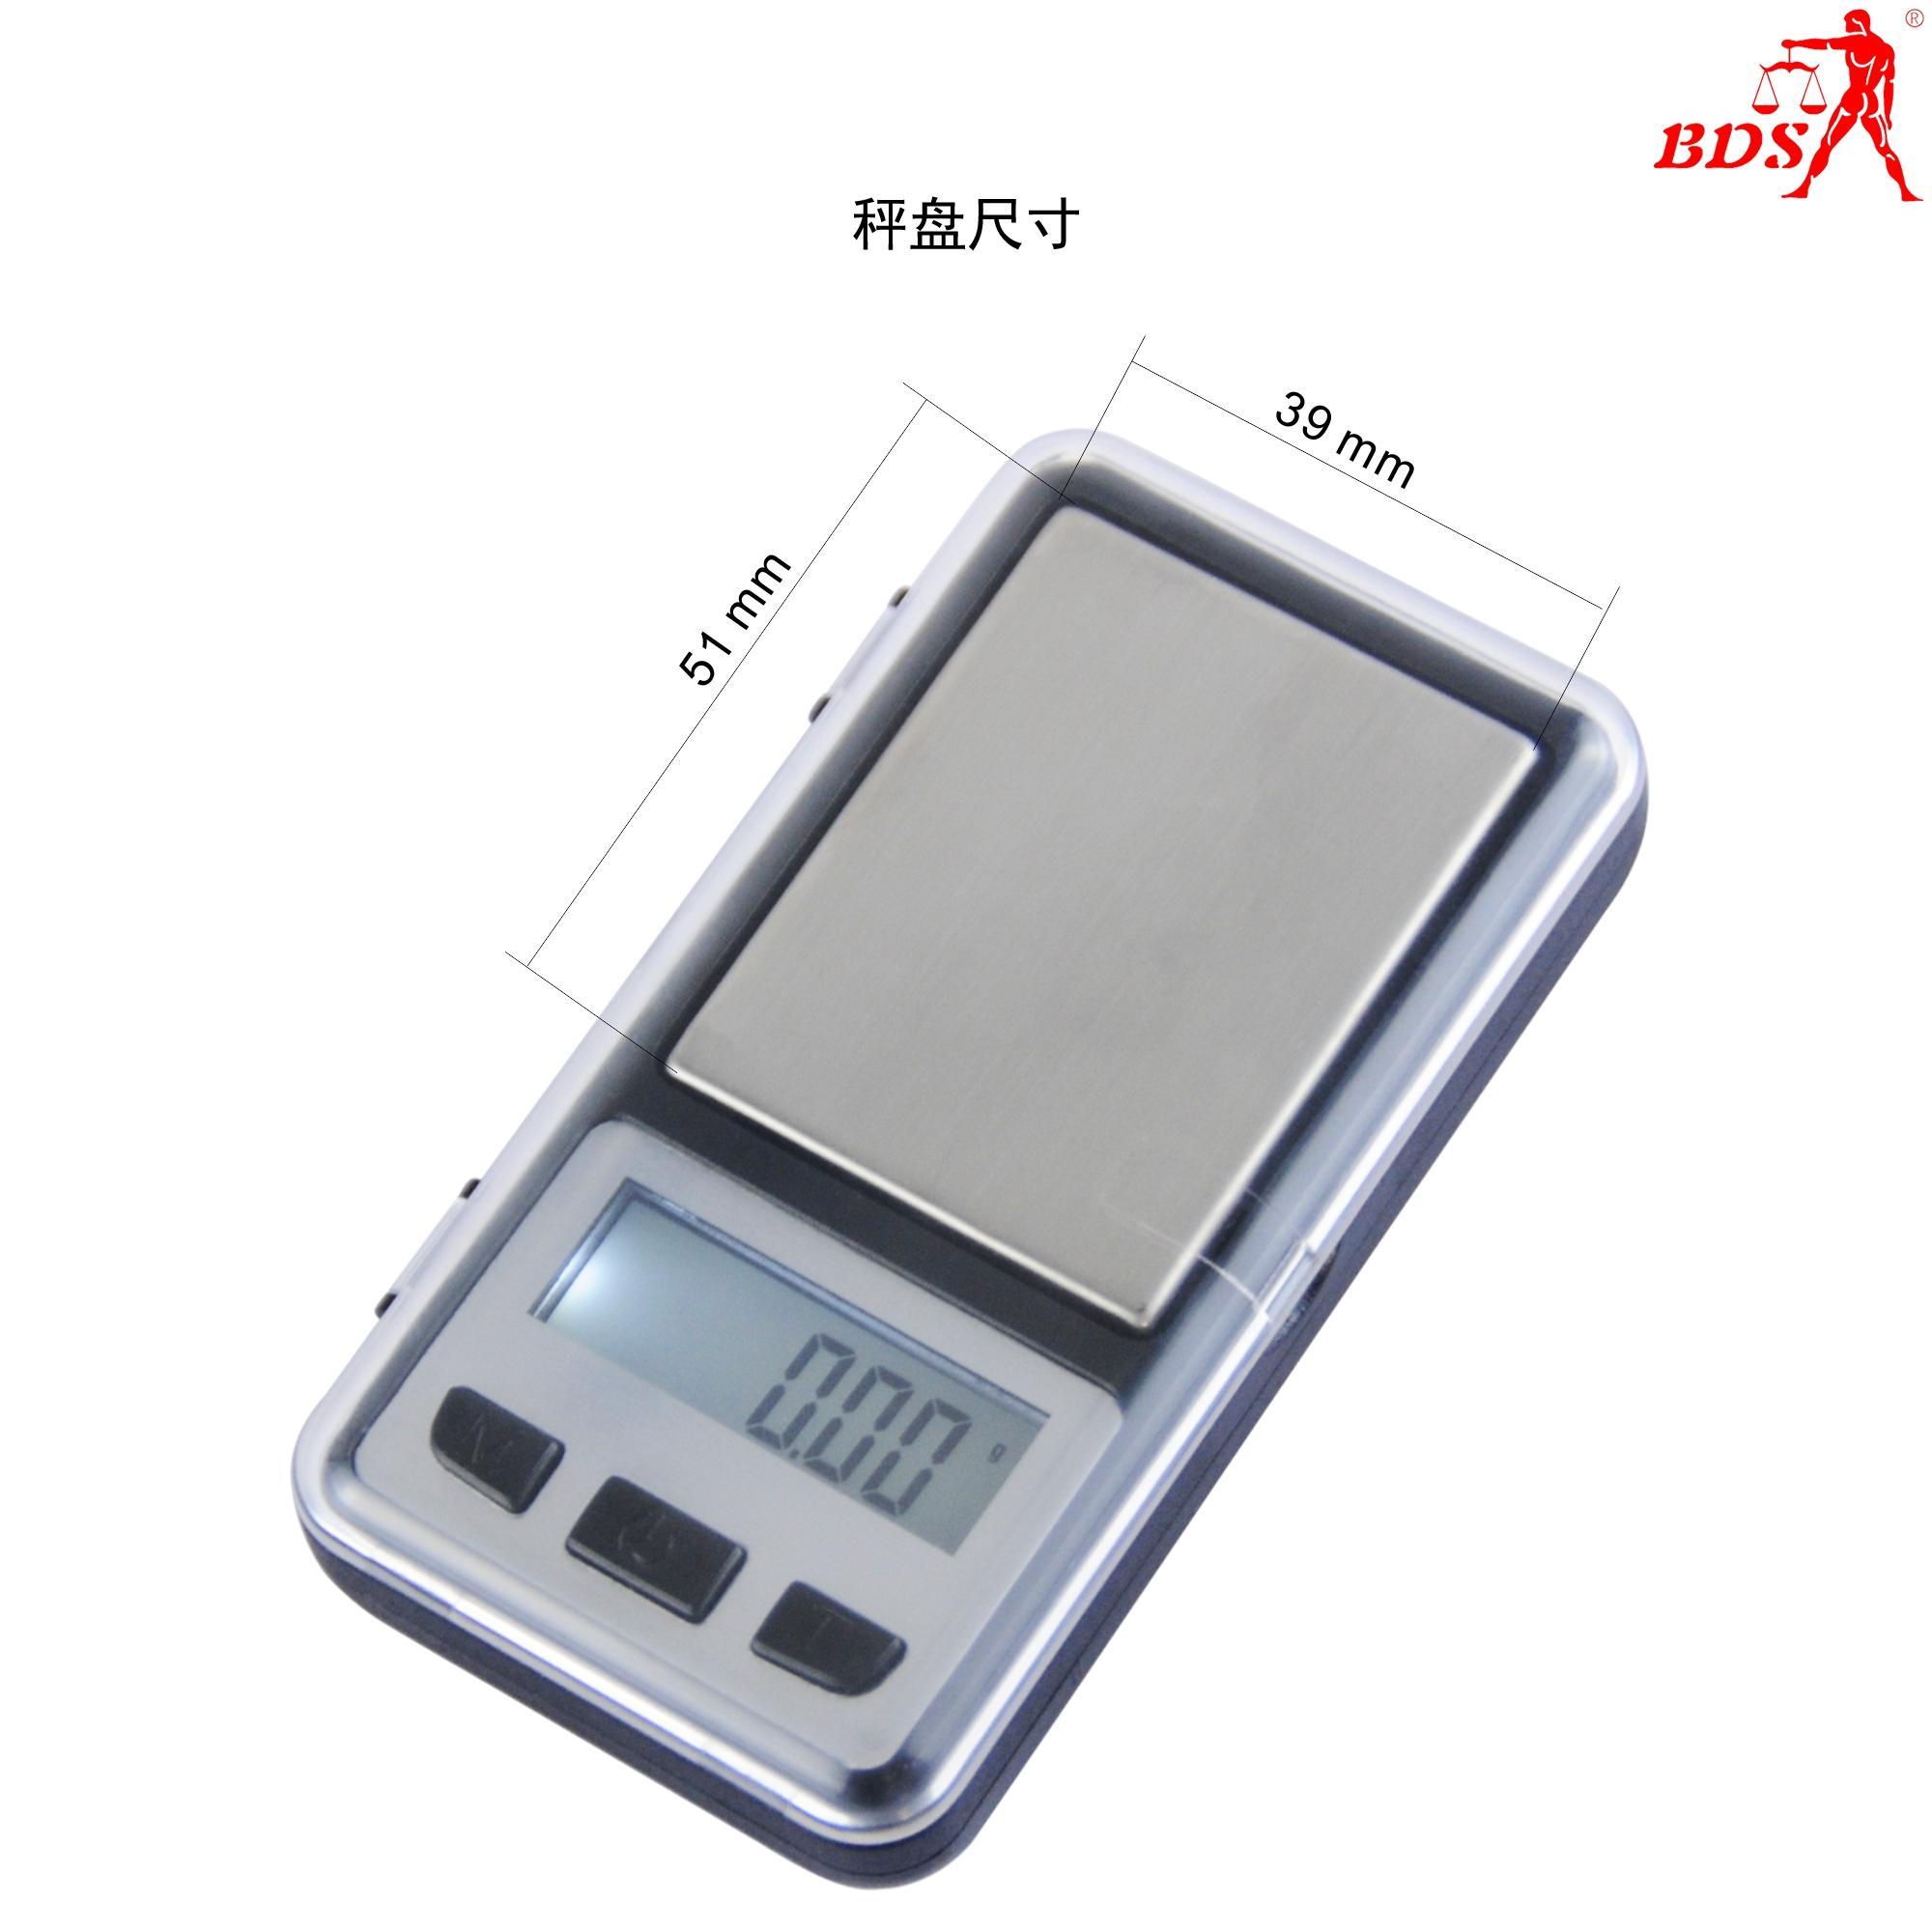 深圳北斗星衡器BDS6010便攜式電子口袋秤,珠寶秤 4